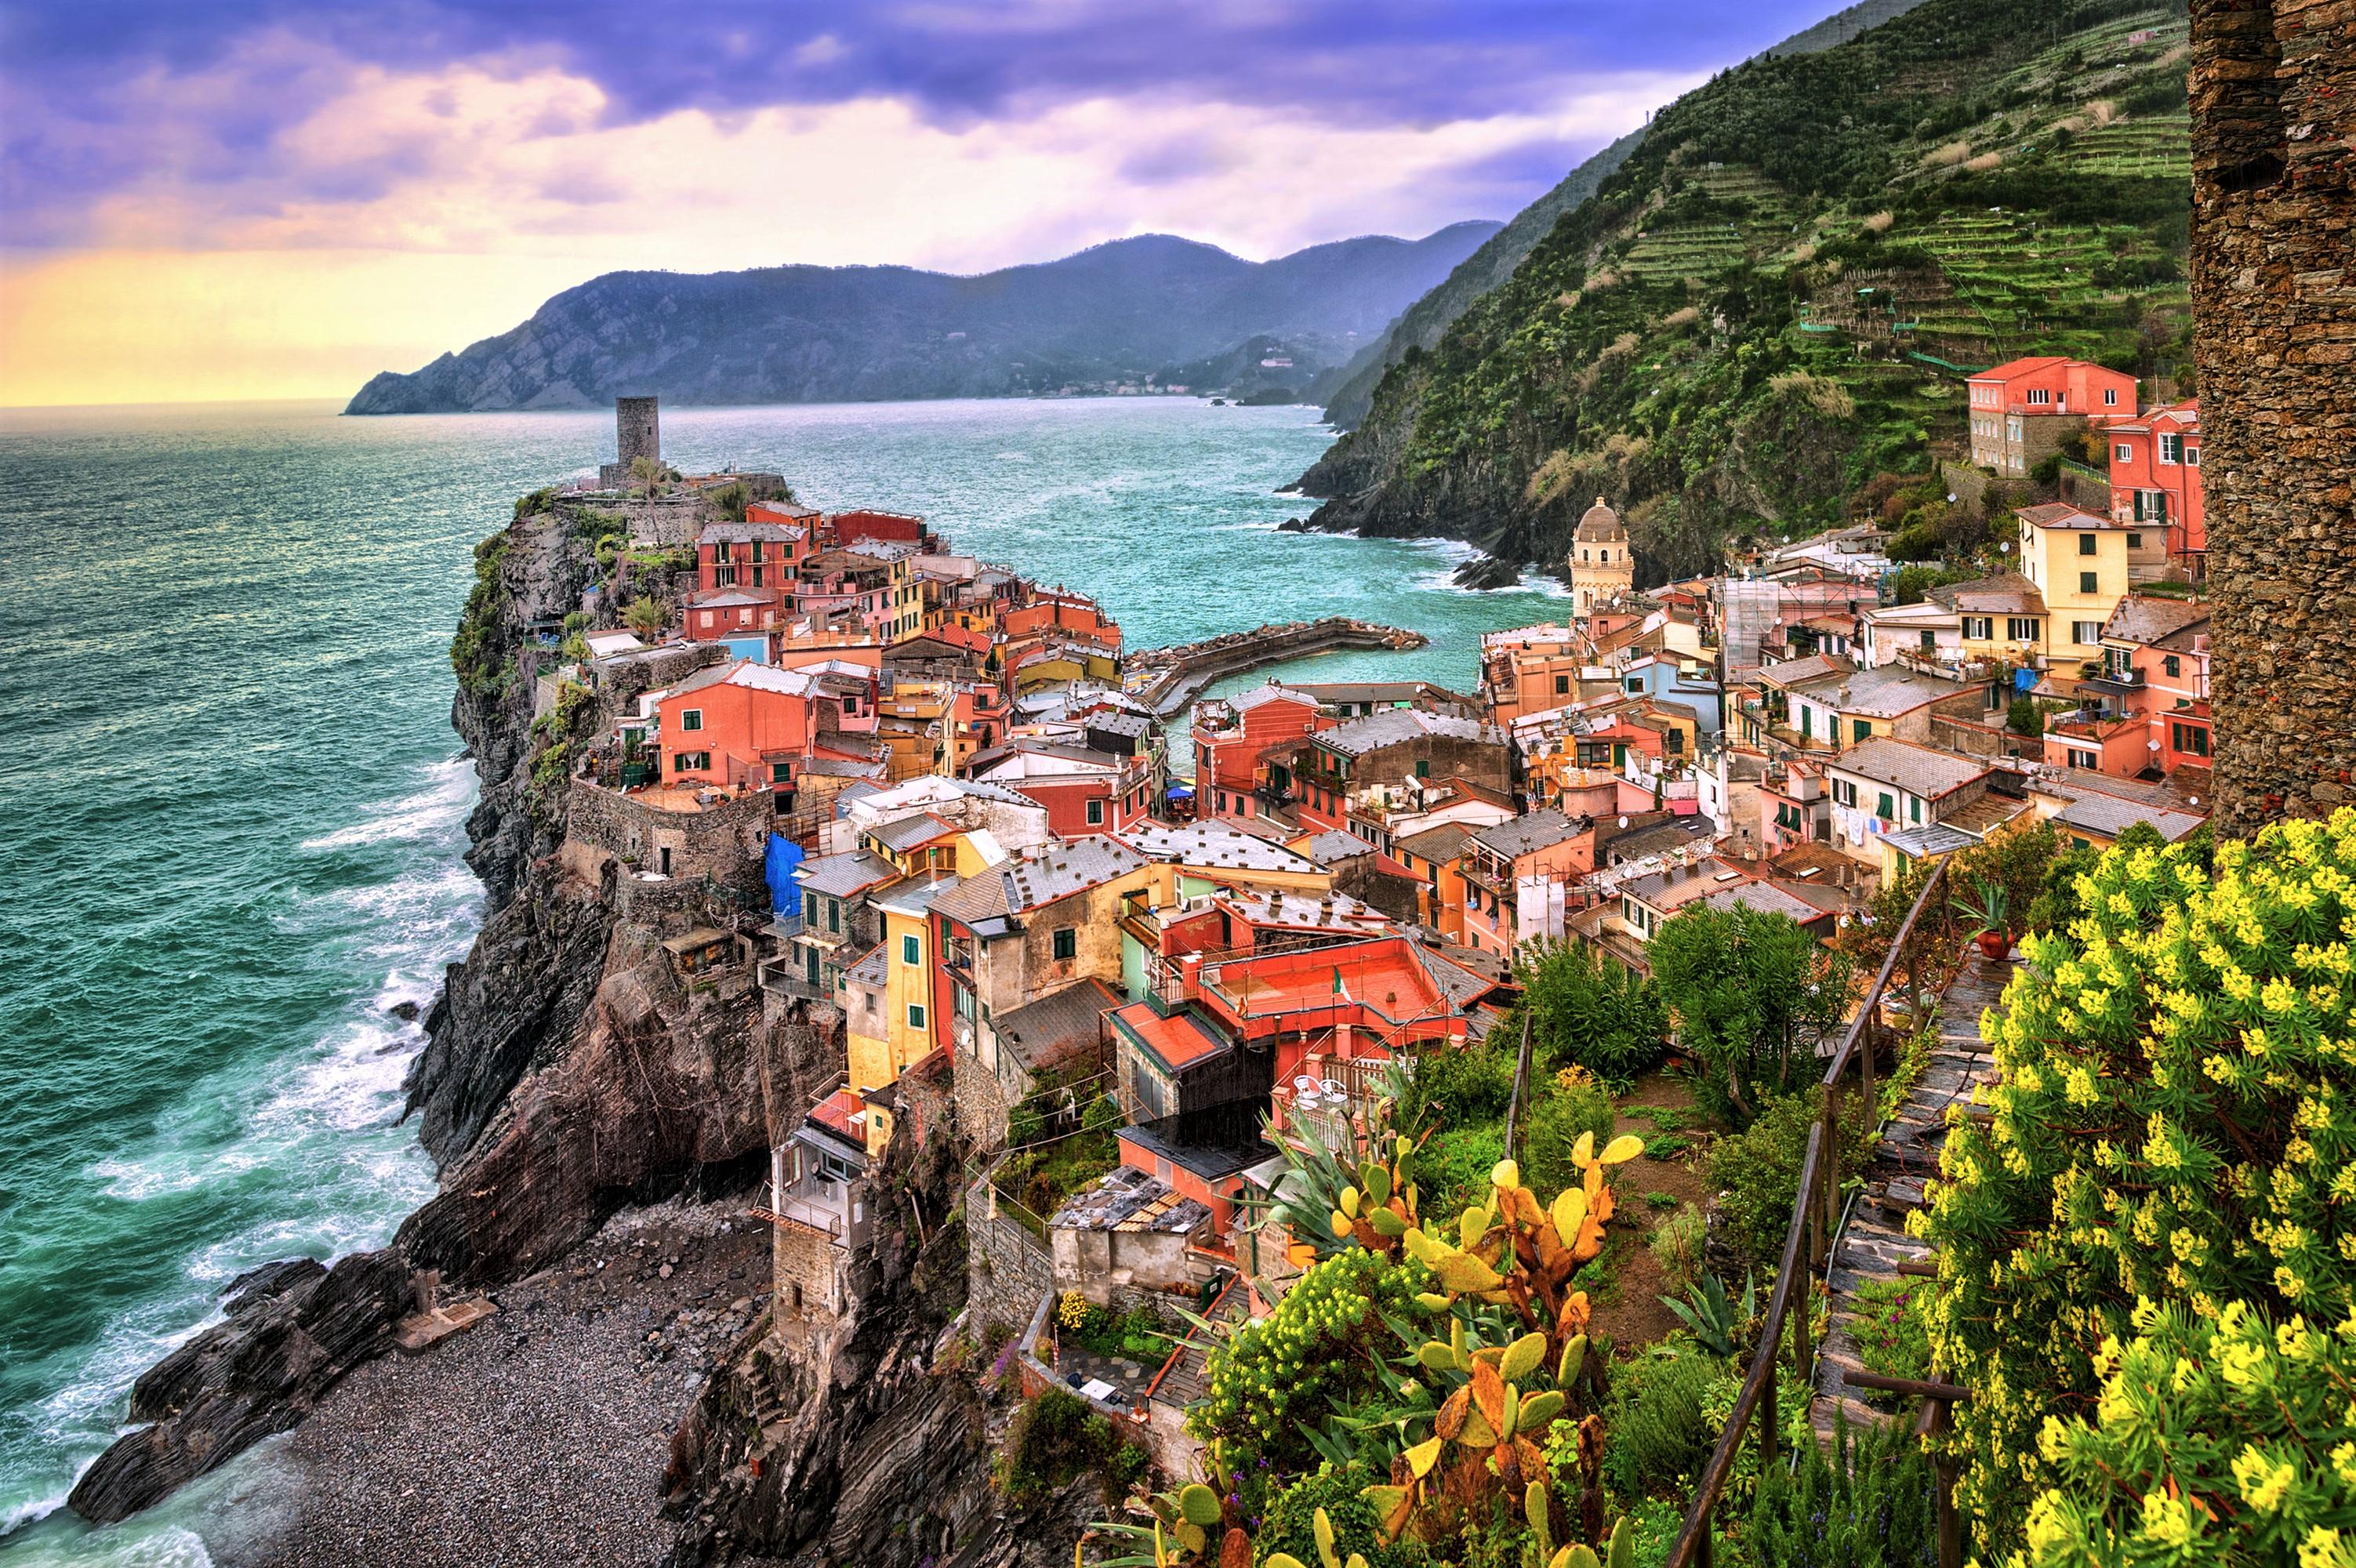 Cinque Terre House Italy Mountain Ocean Rock Sea Town Vernazza Wallpaper 3005x2000 1191943 Wallpaperup